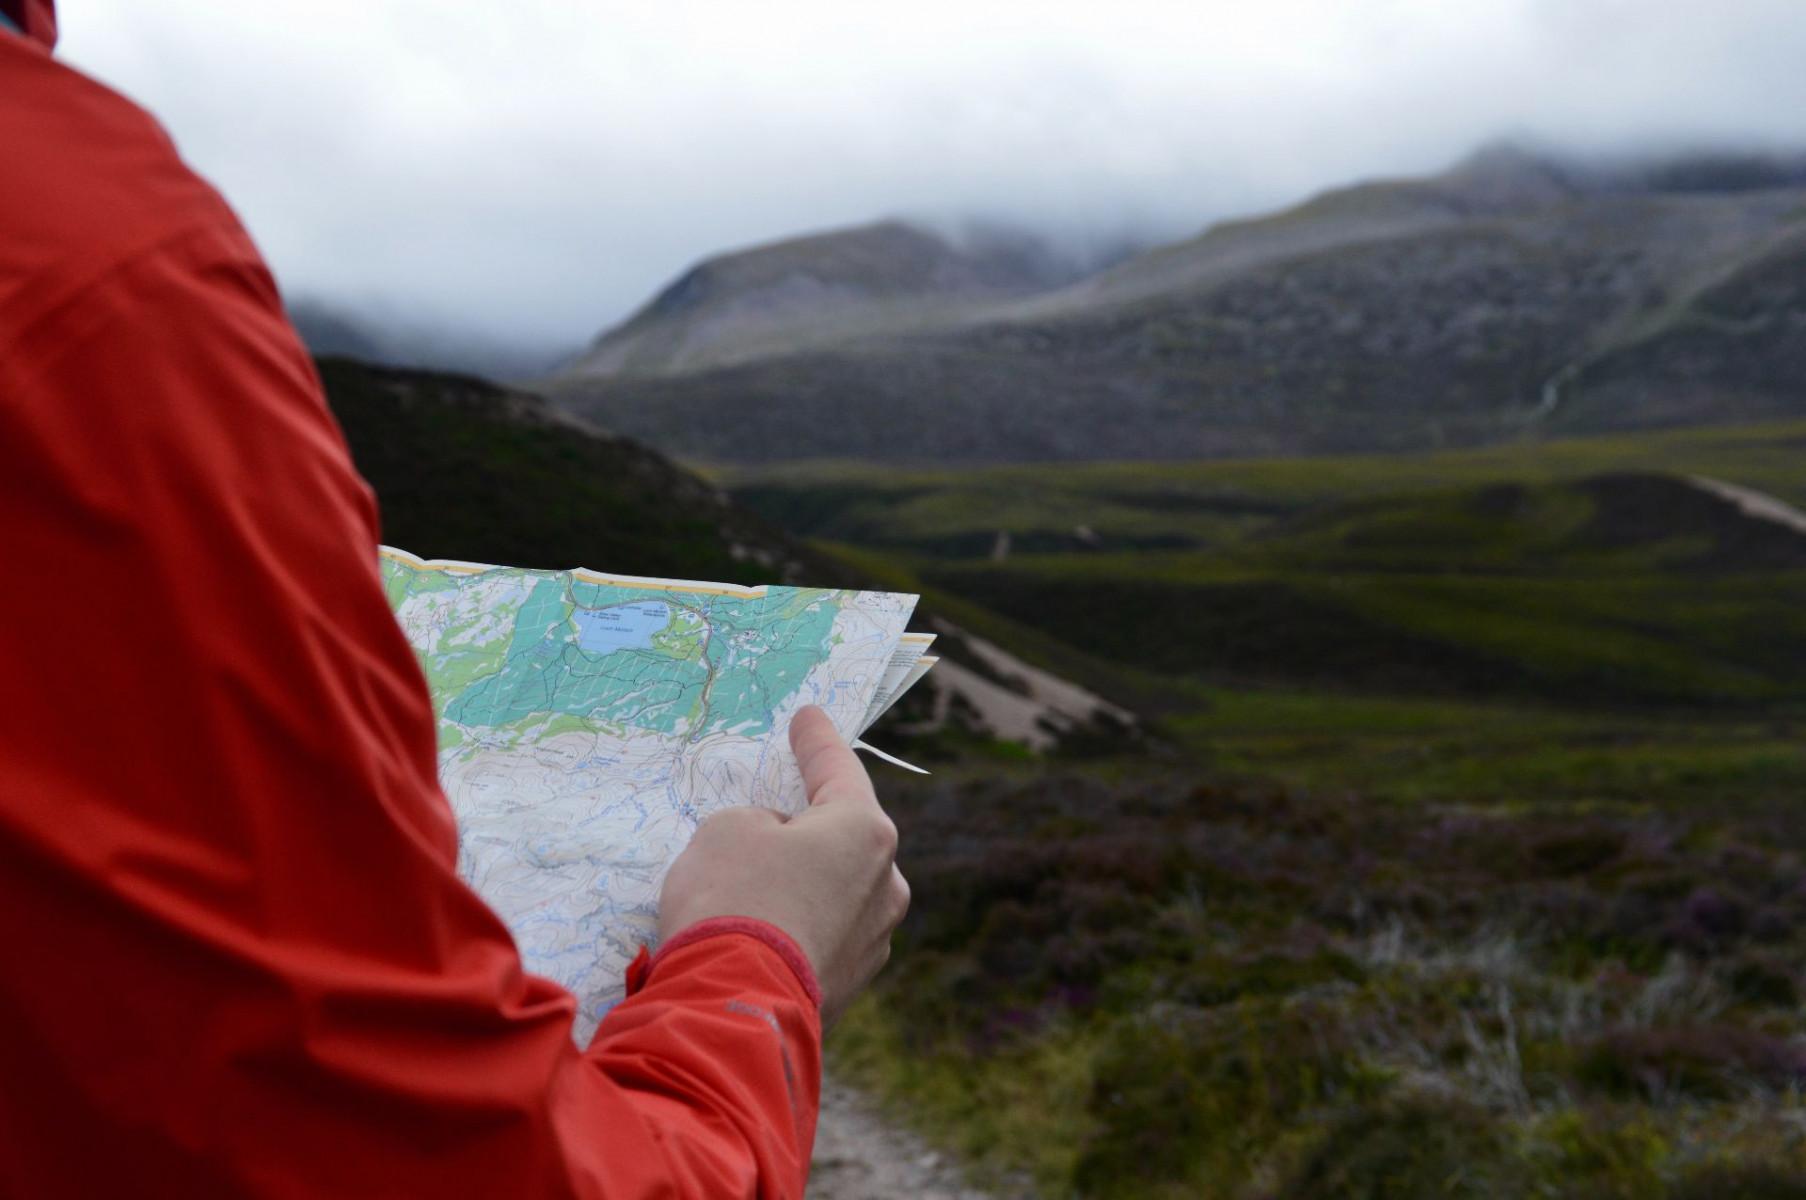 Missioning, survival e orienteering sui Monti Simbruini